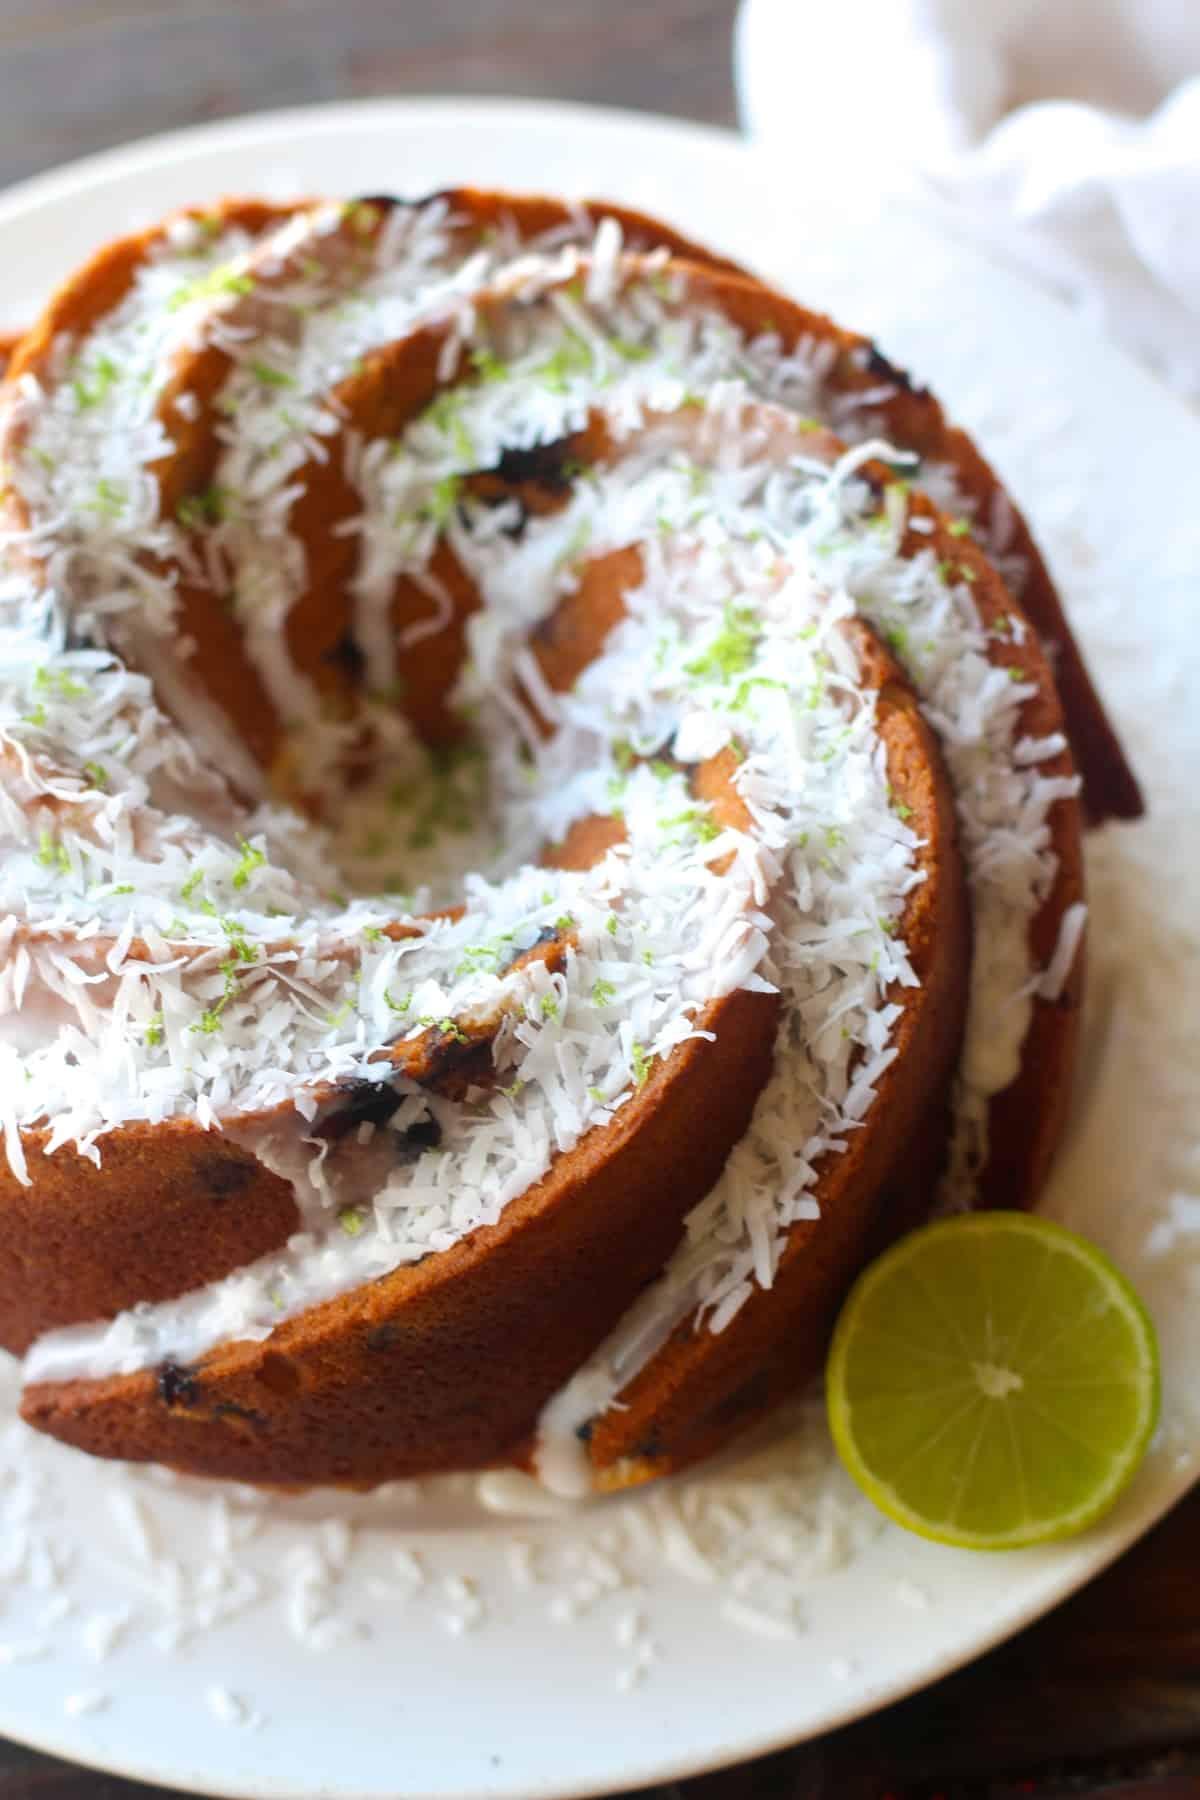 Coconut Blueberry Lime Bundt Cake - The Seaside Baker